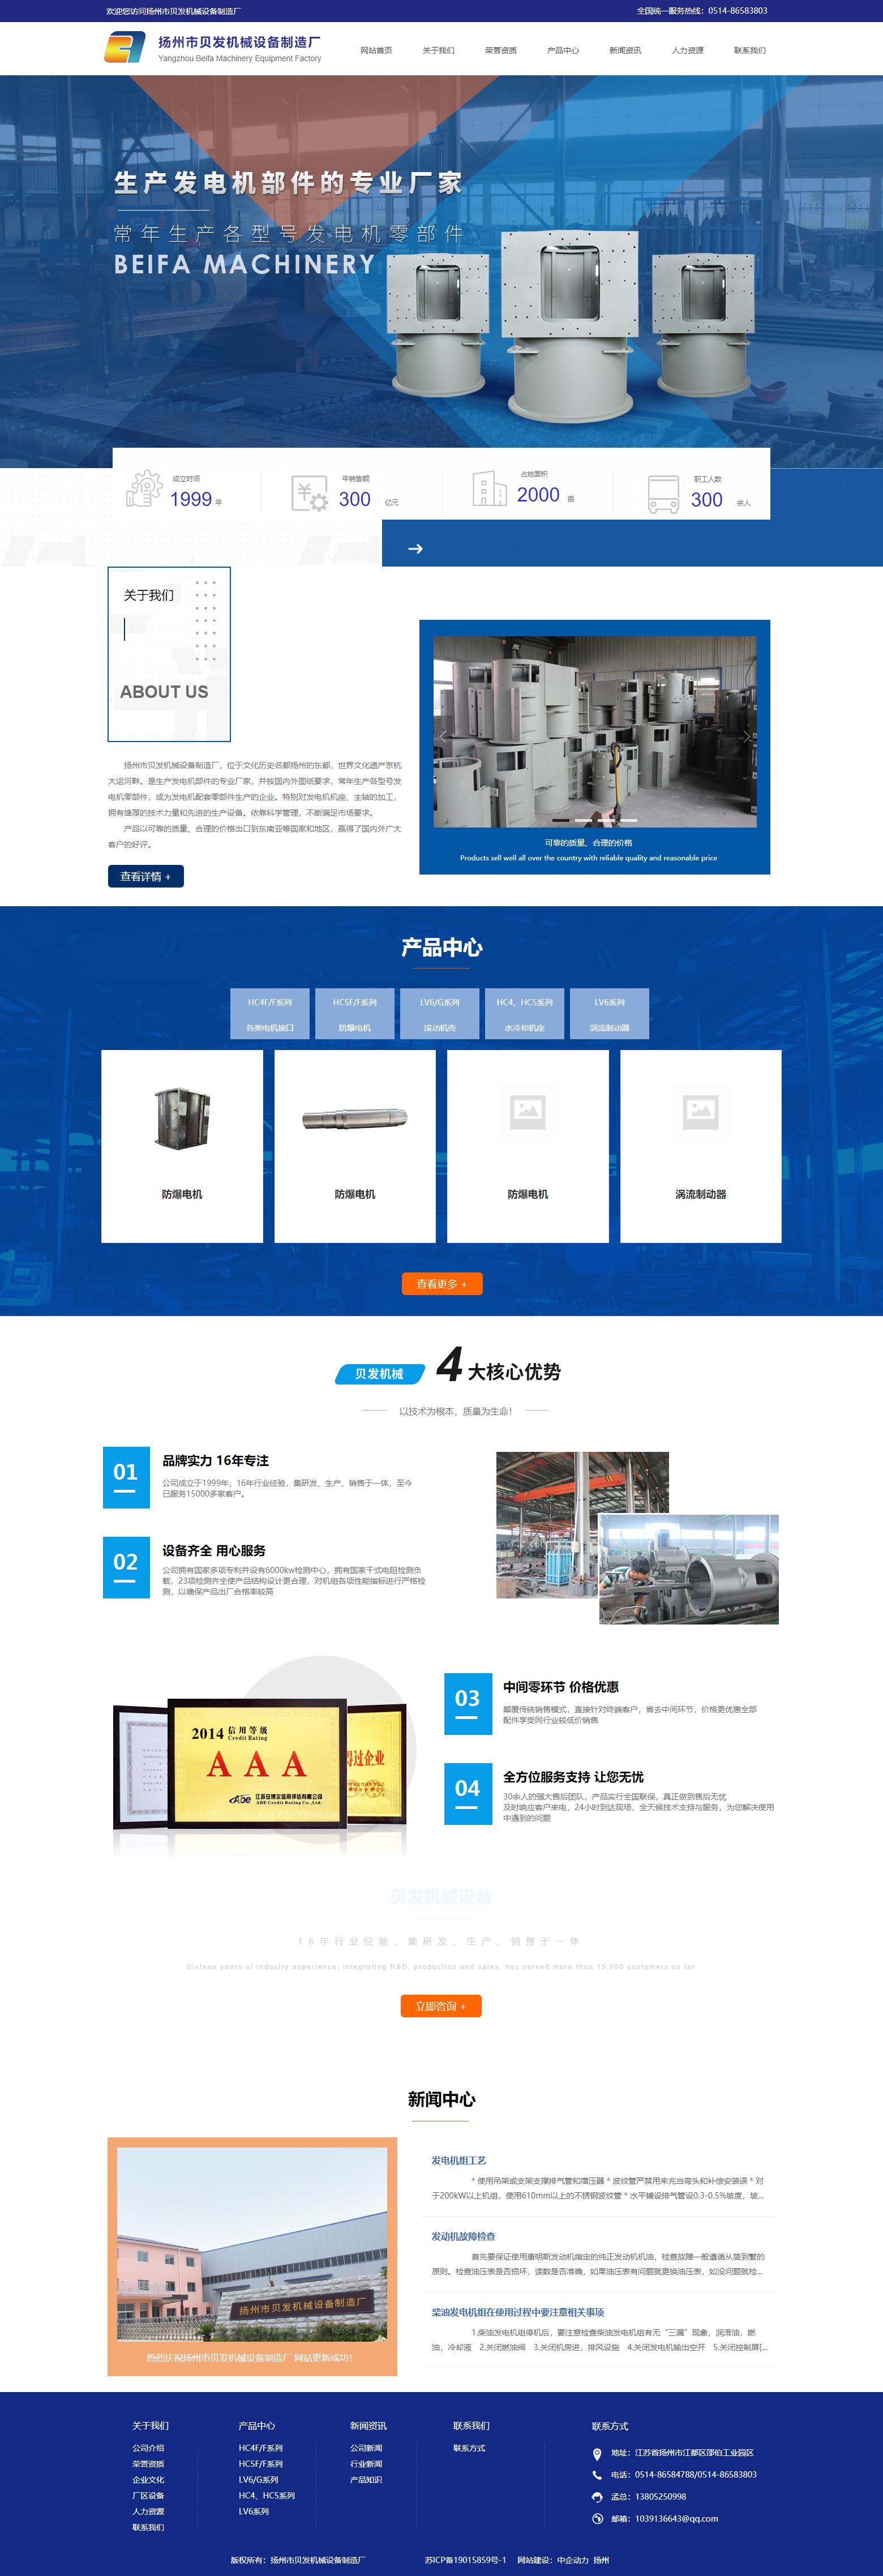 扬州市贝发机械设备制造厂网站案例